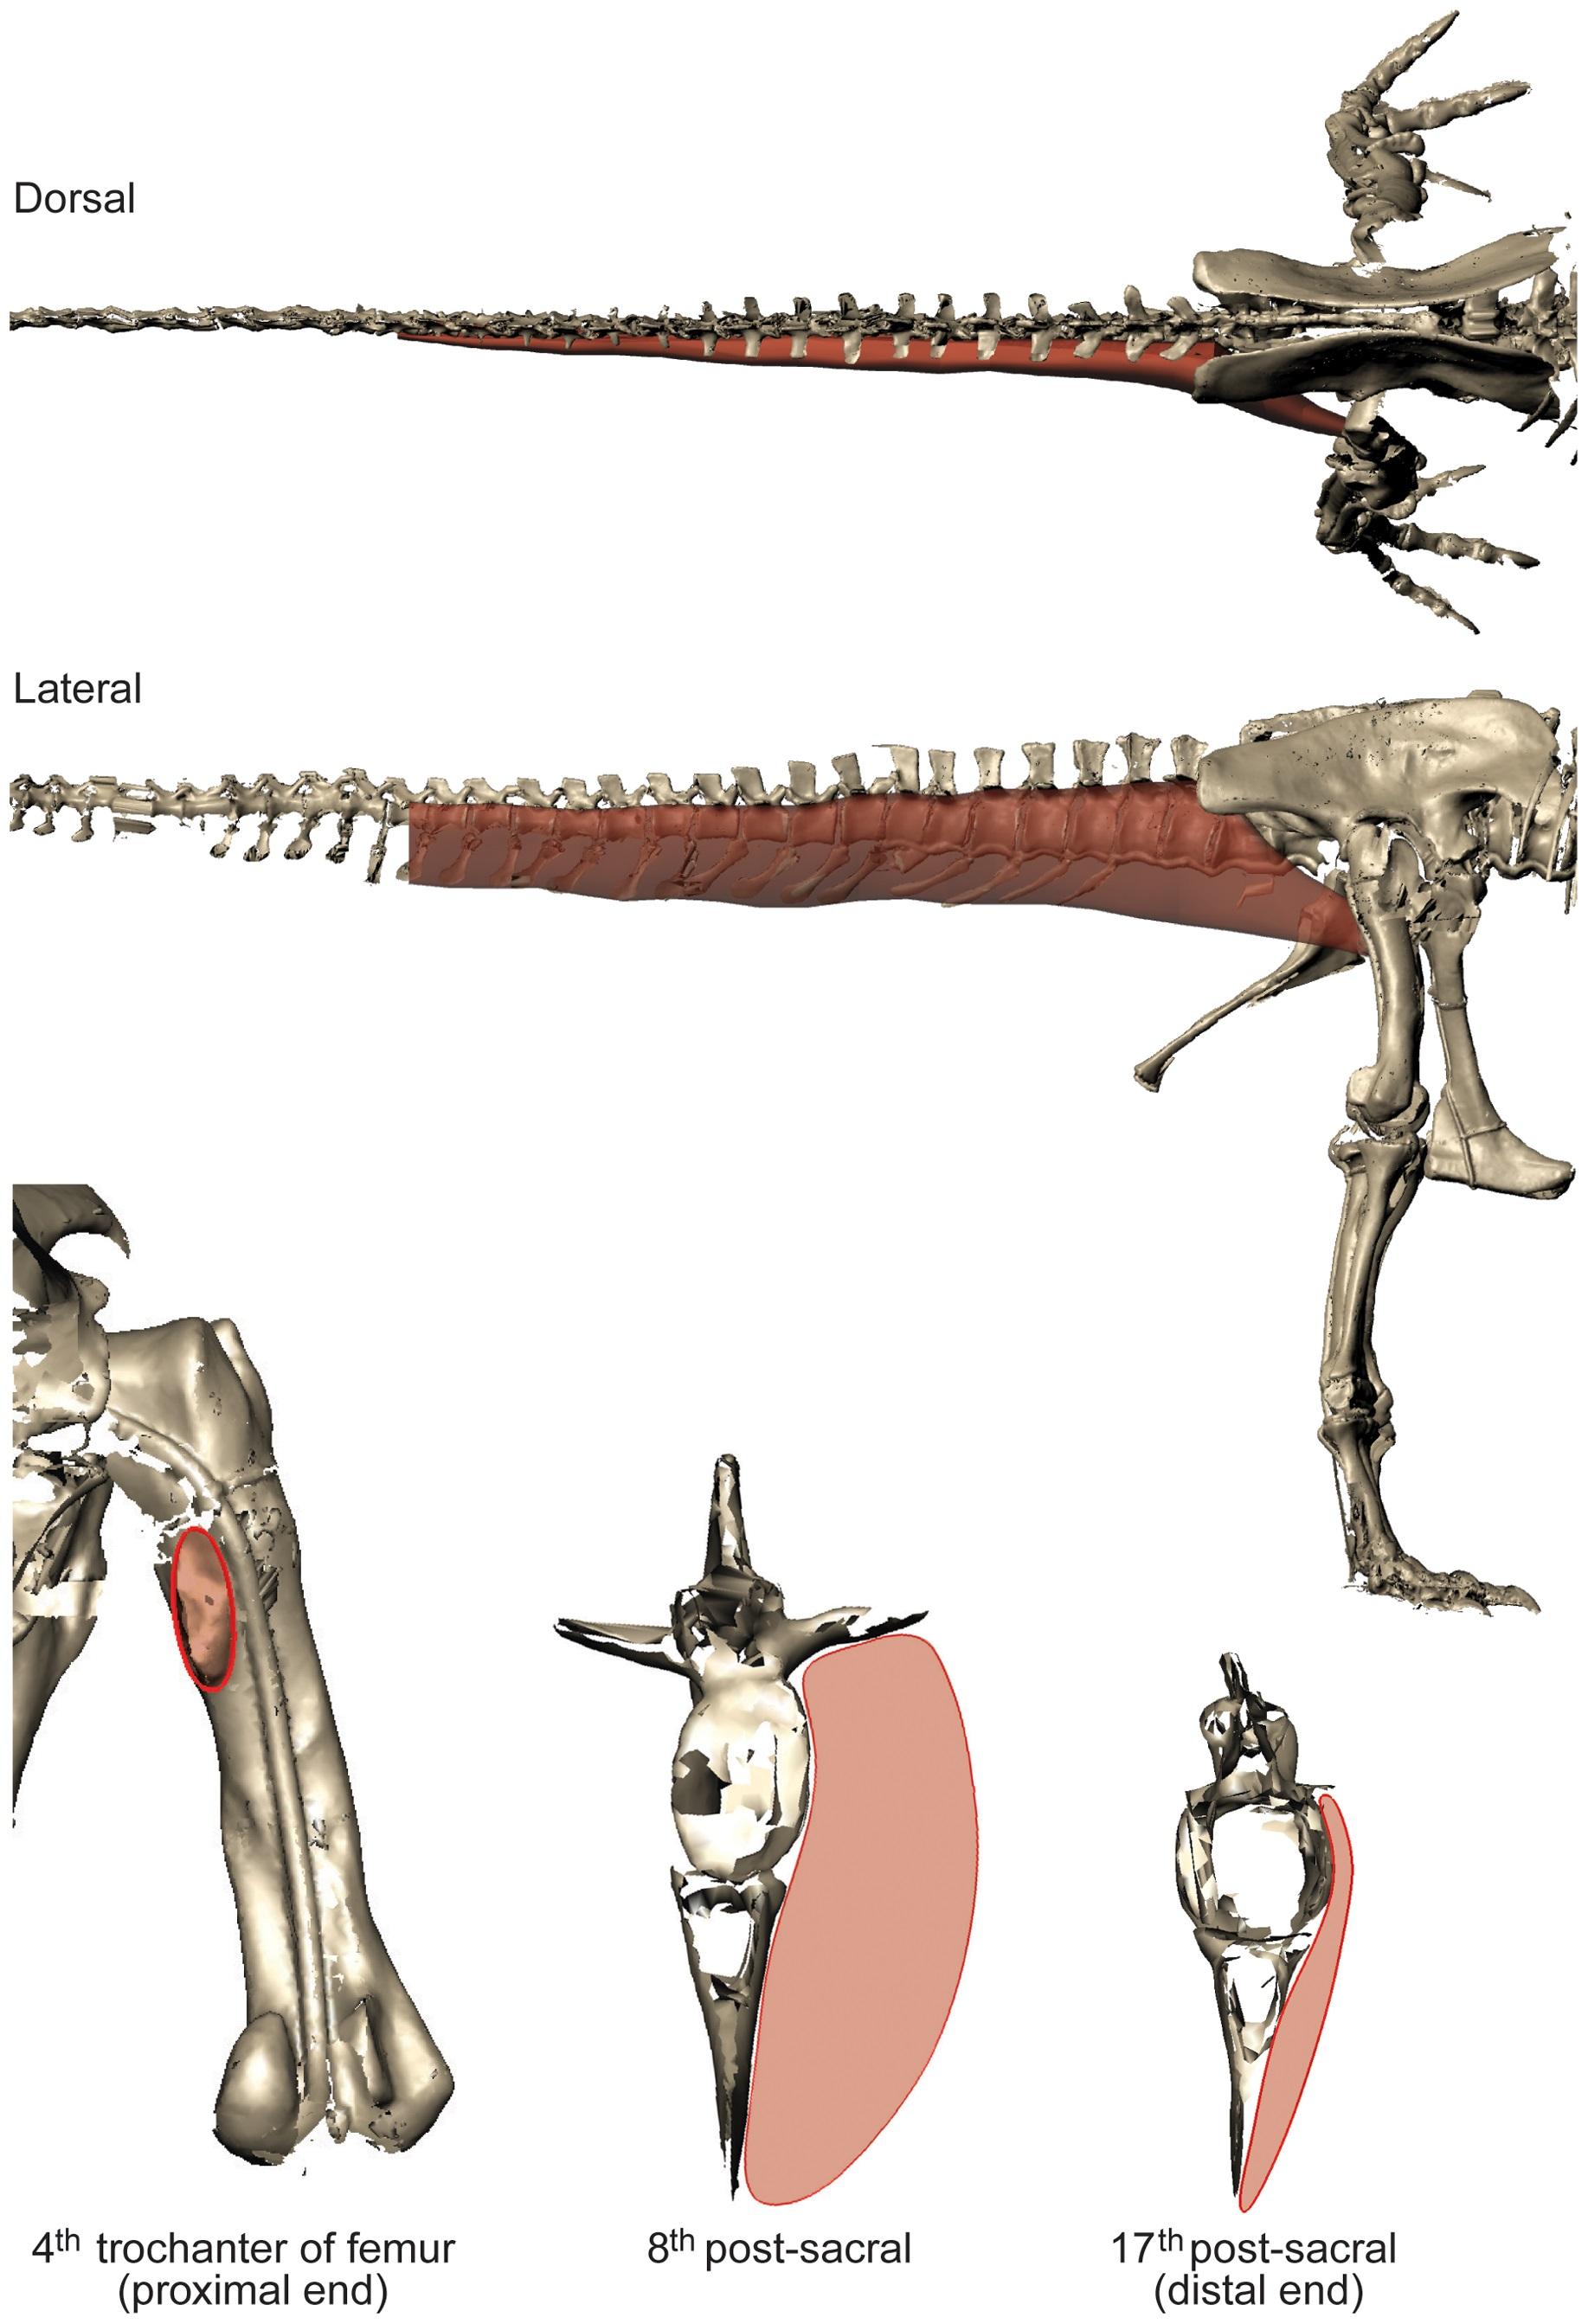 Studie pravděpodobné velikosti a tvaru svalu M. caudofemoralis longus, který mohl tyranosaurům výrazně napomáhat v rychlém pohybu a udržování rovnováhy. Podle některých vědců právě předpokládaná mohutnost svalstva umožnila tyranosaurům relativně rych